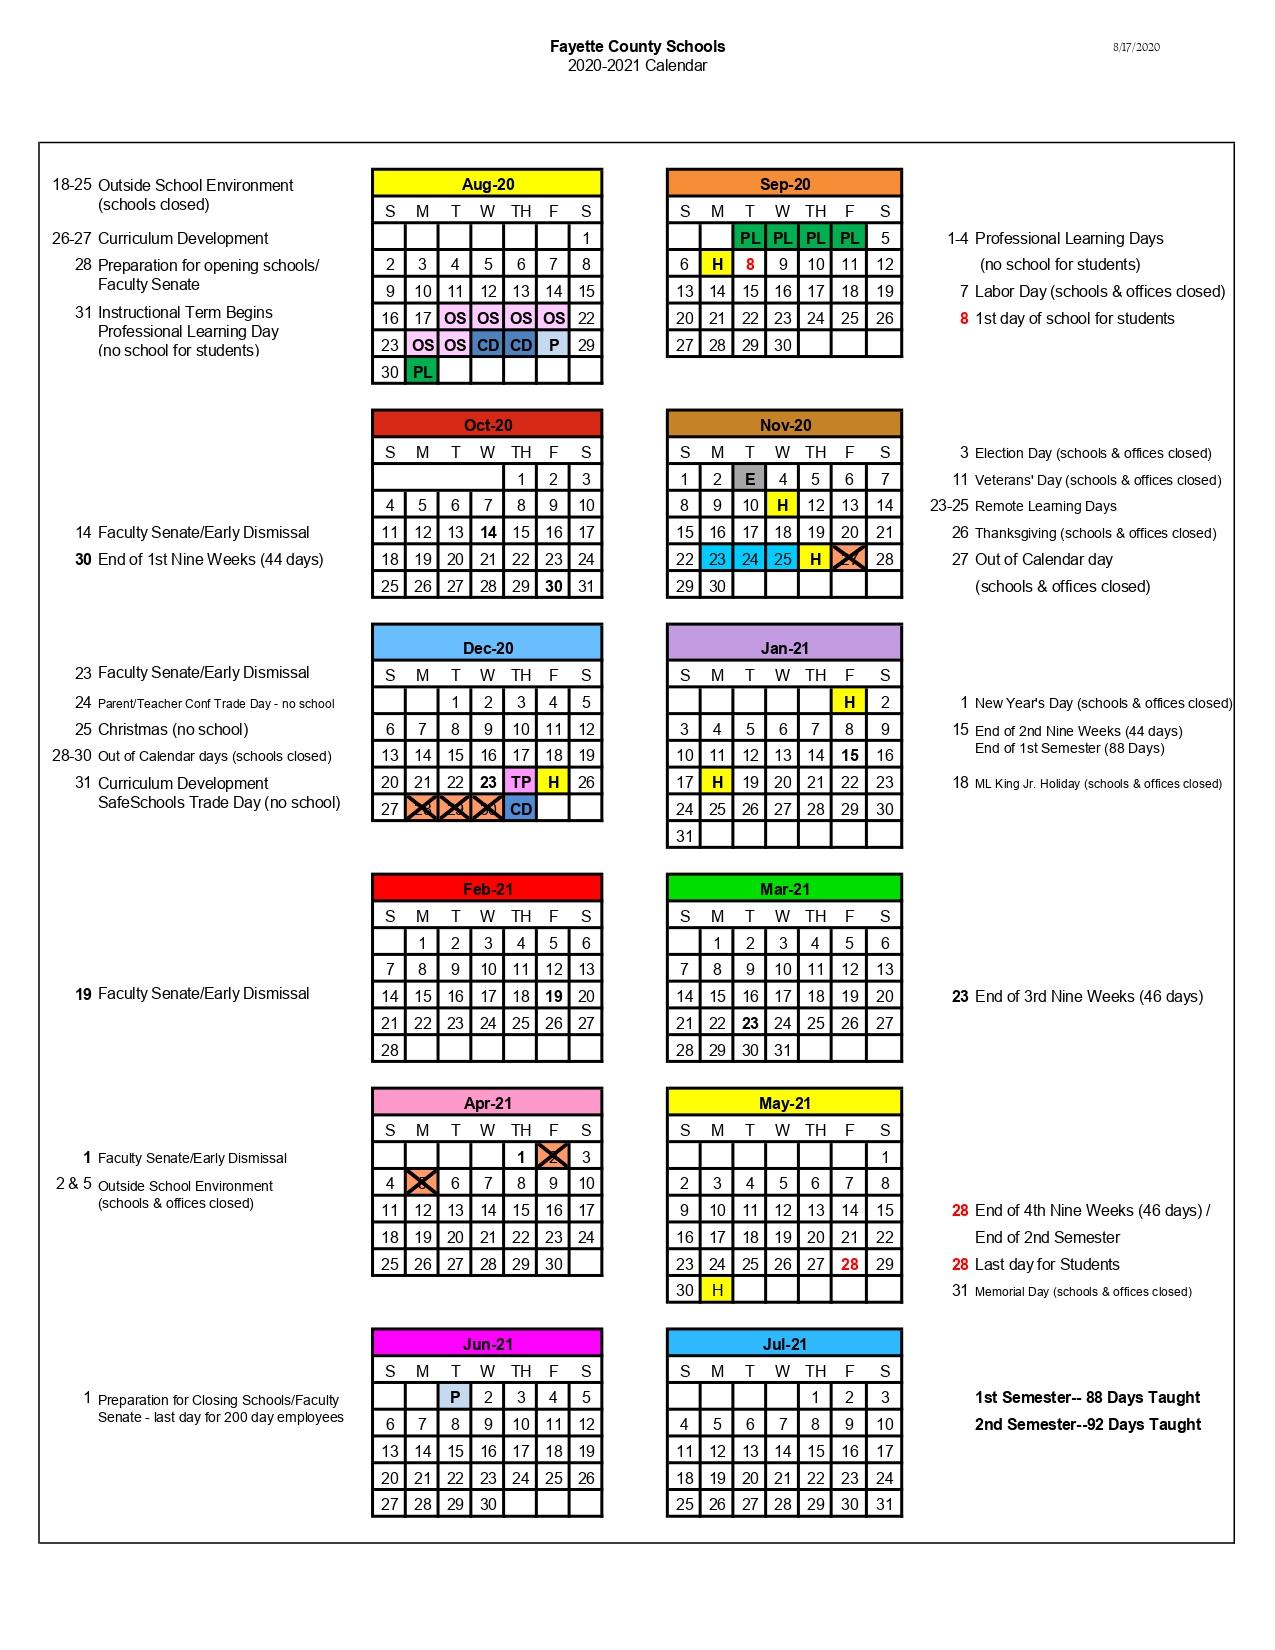 Fayette County School Calendar 2020-2021